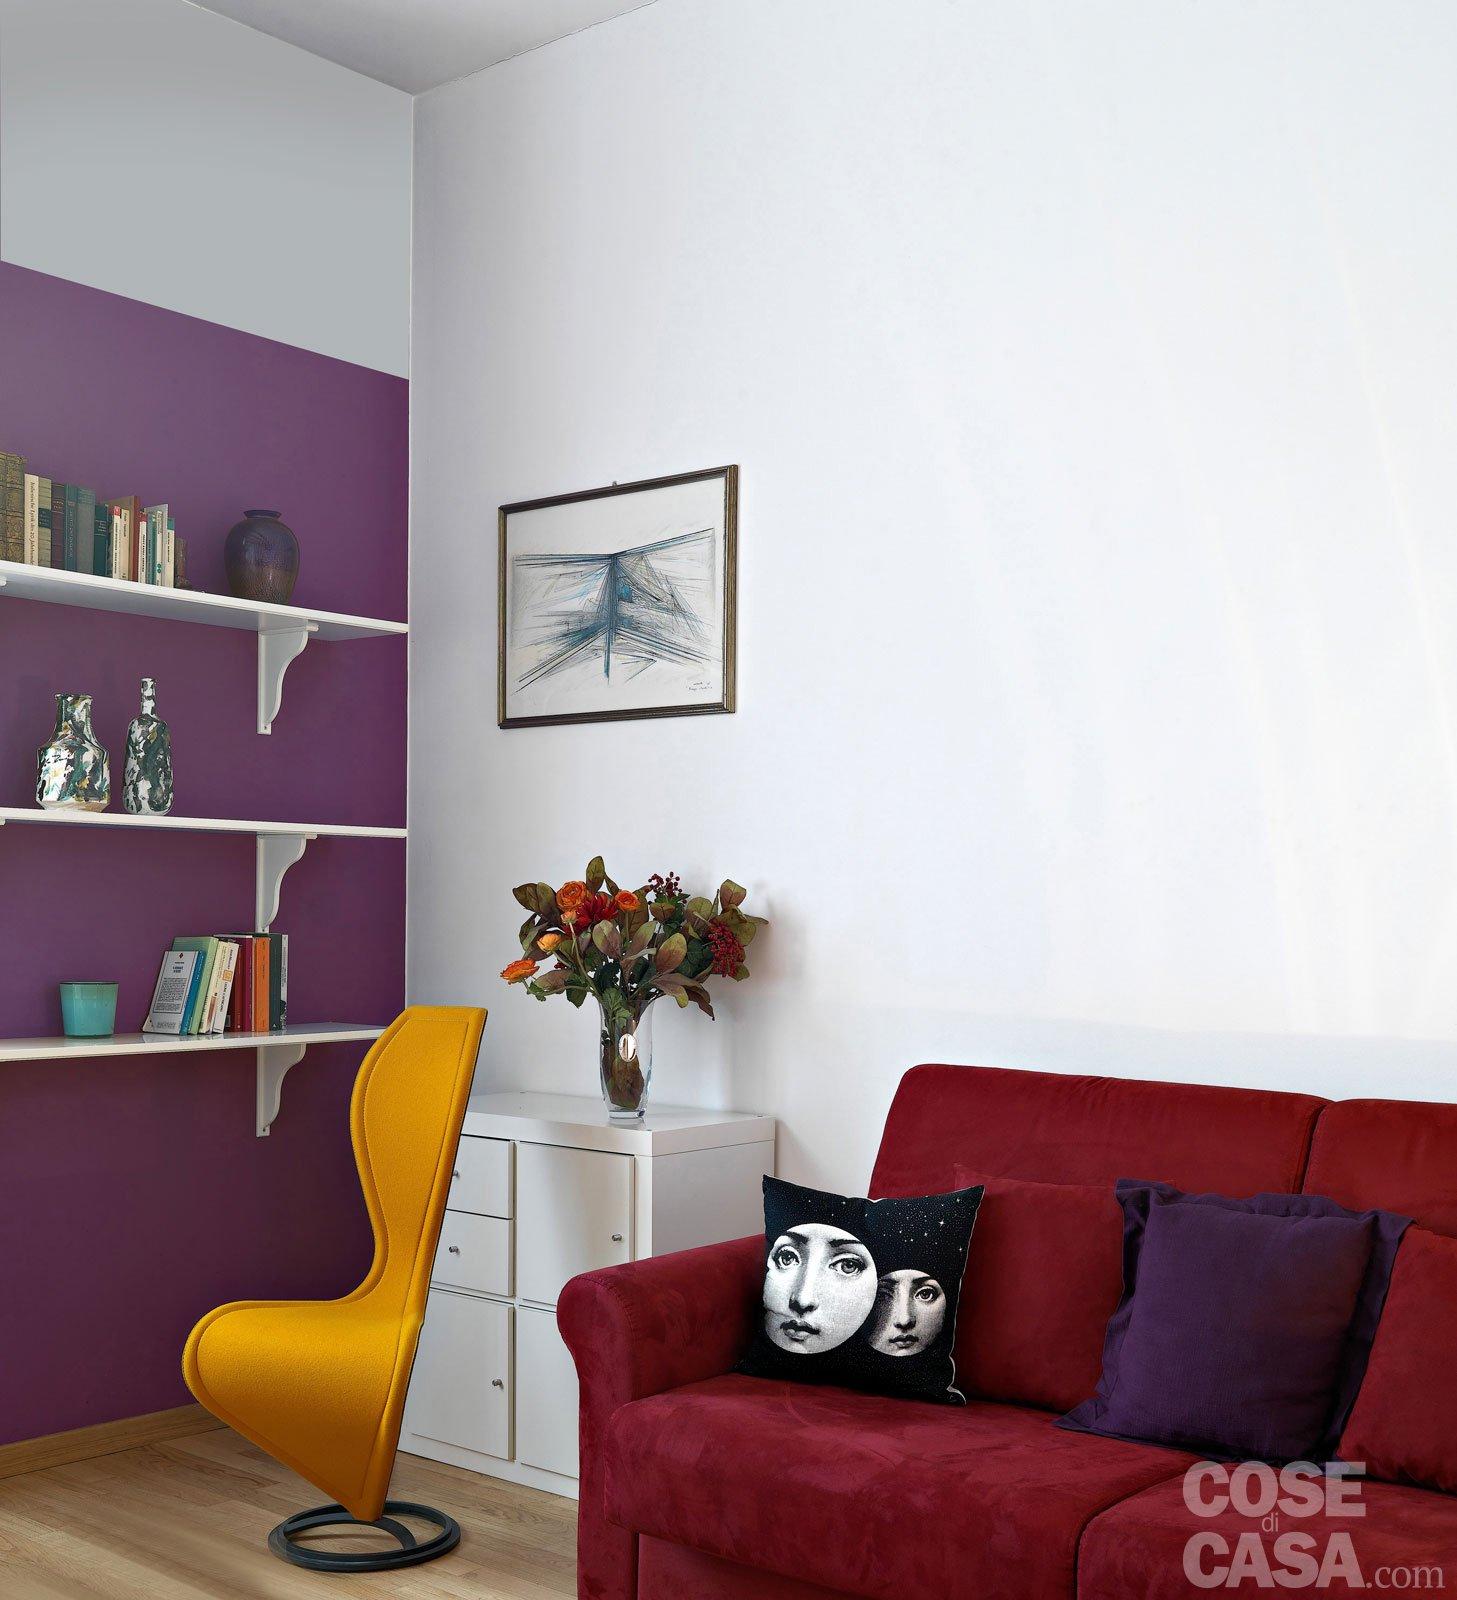 Pitturare le pareti i trucchi che ingannano l occhio cose di casa - Pitturare la casa ...